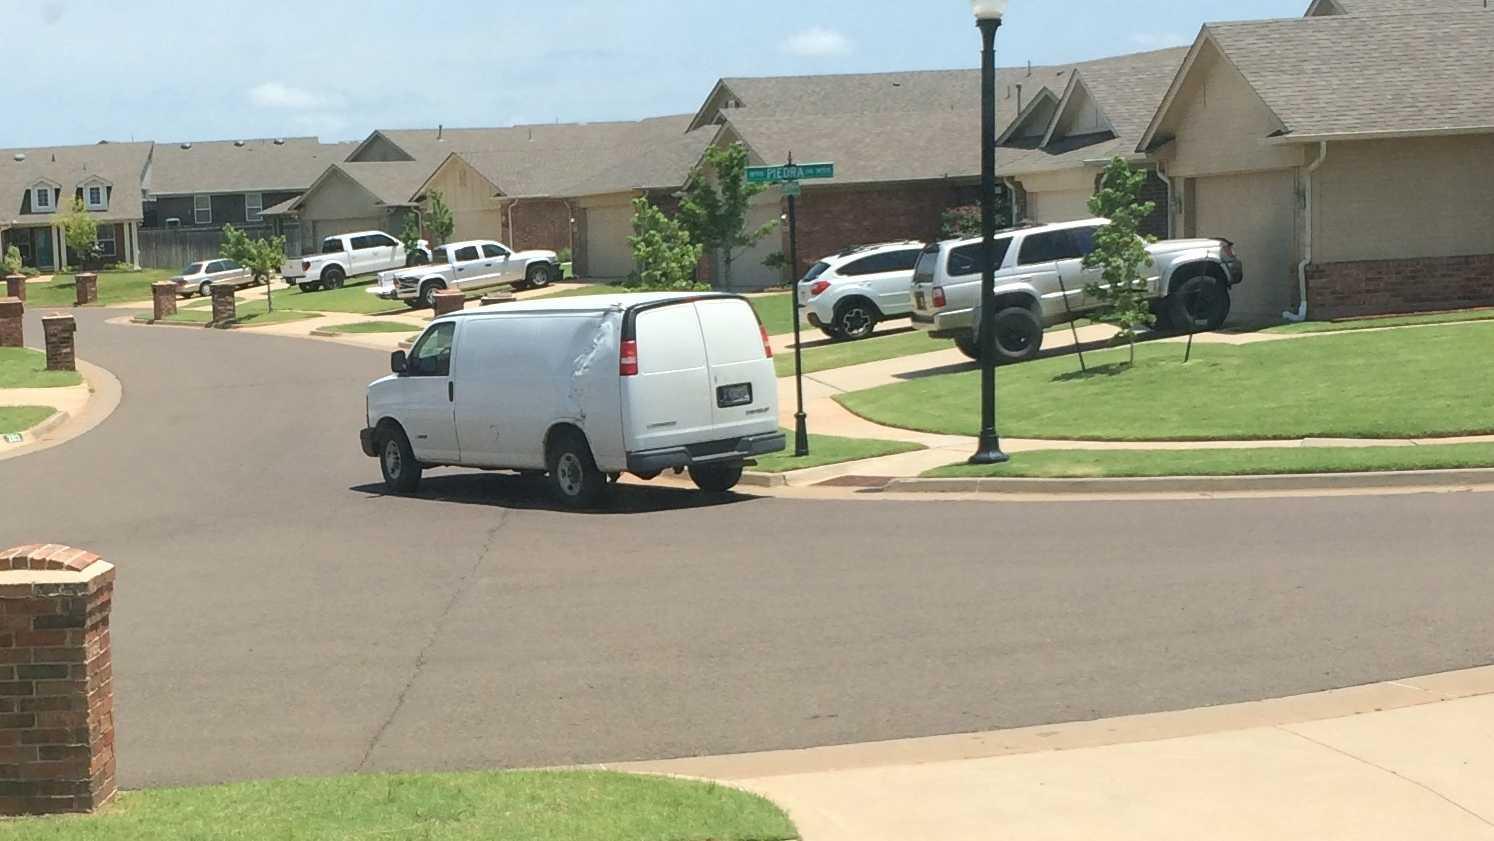 Suspicious van